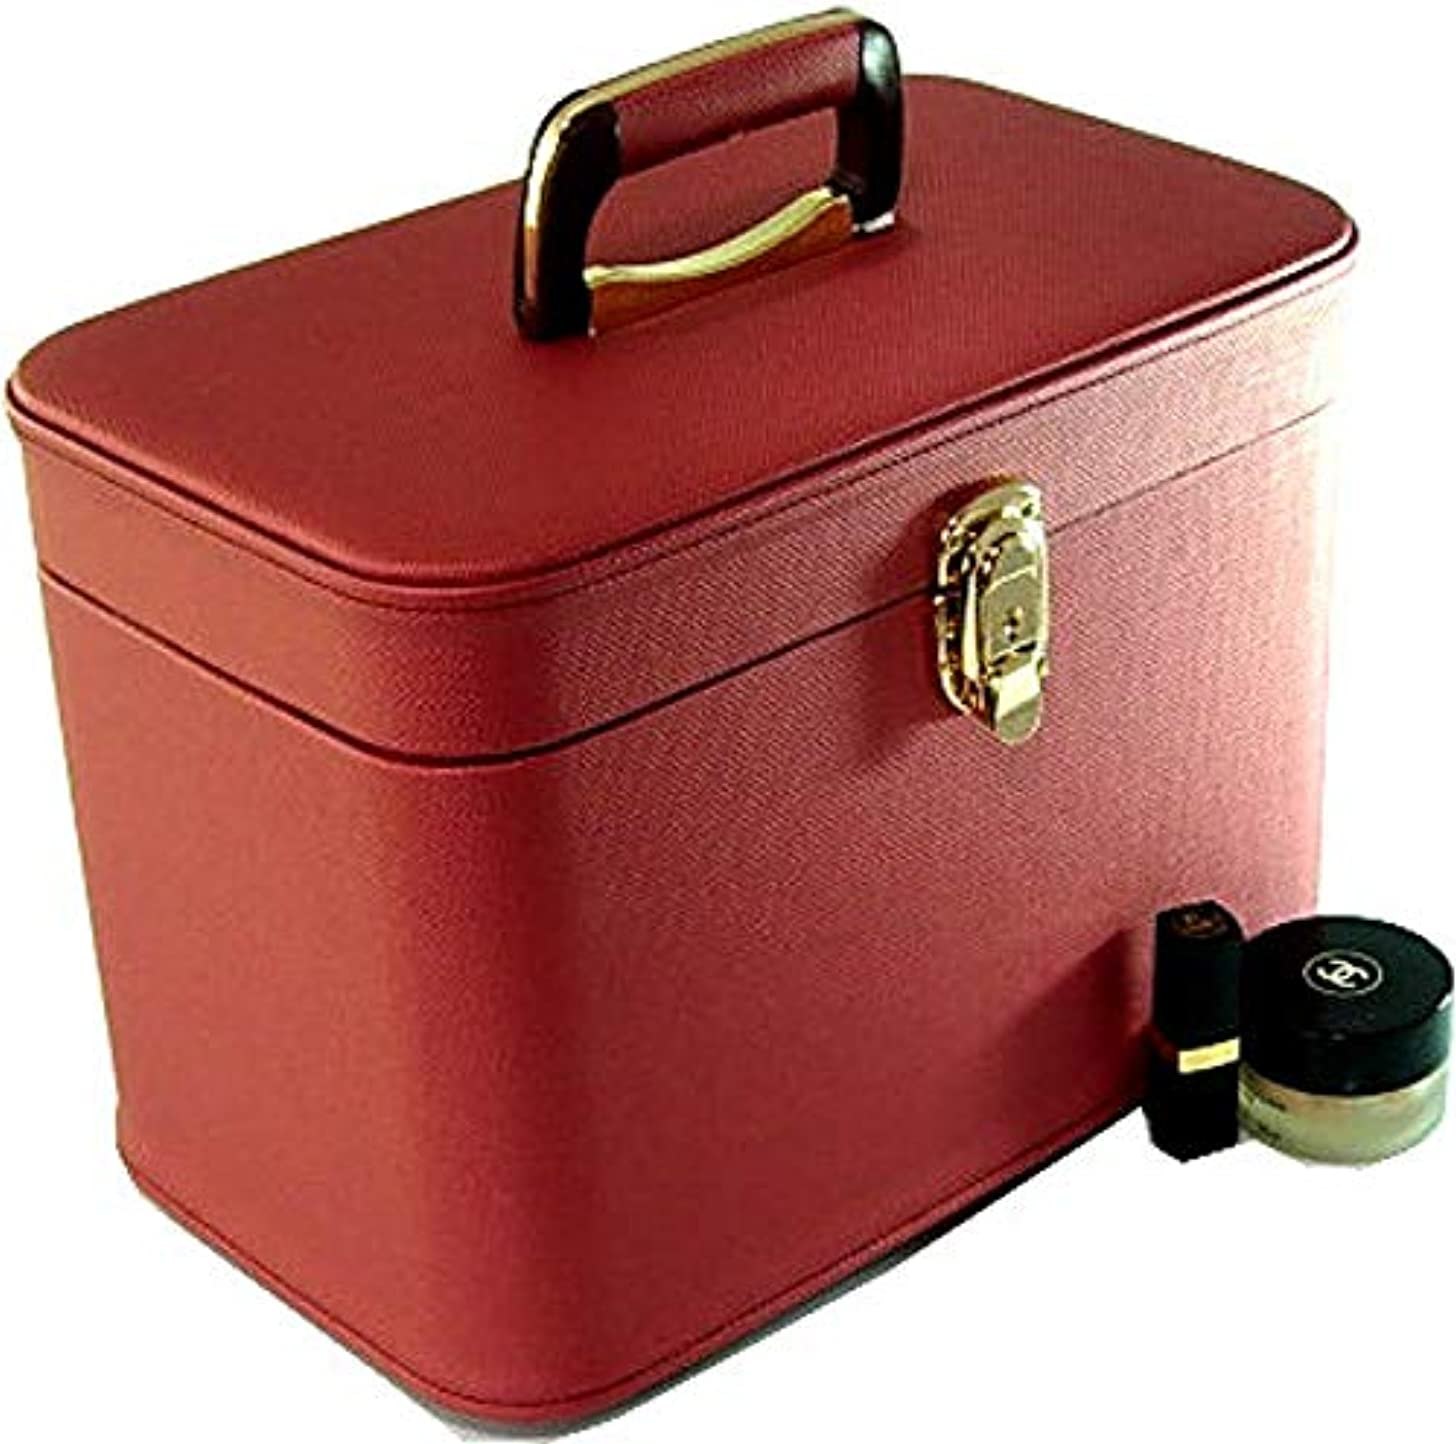 損失車両ゴルフメイクボックス コスメボックス トリプルG2 33cm ヨコパールワイン 日本製,メイクアップボックス,トレンチケース,お化粧入れ,化粧雑貨,メーキャップボックス,化粧箱,かわいい,メイク道具箱,メイク雑貨,化粧ボックス